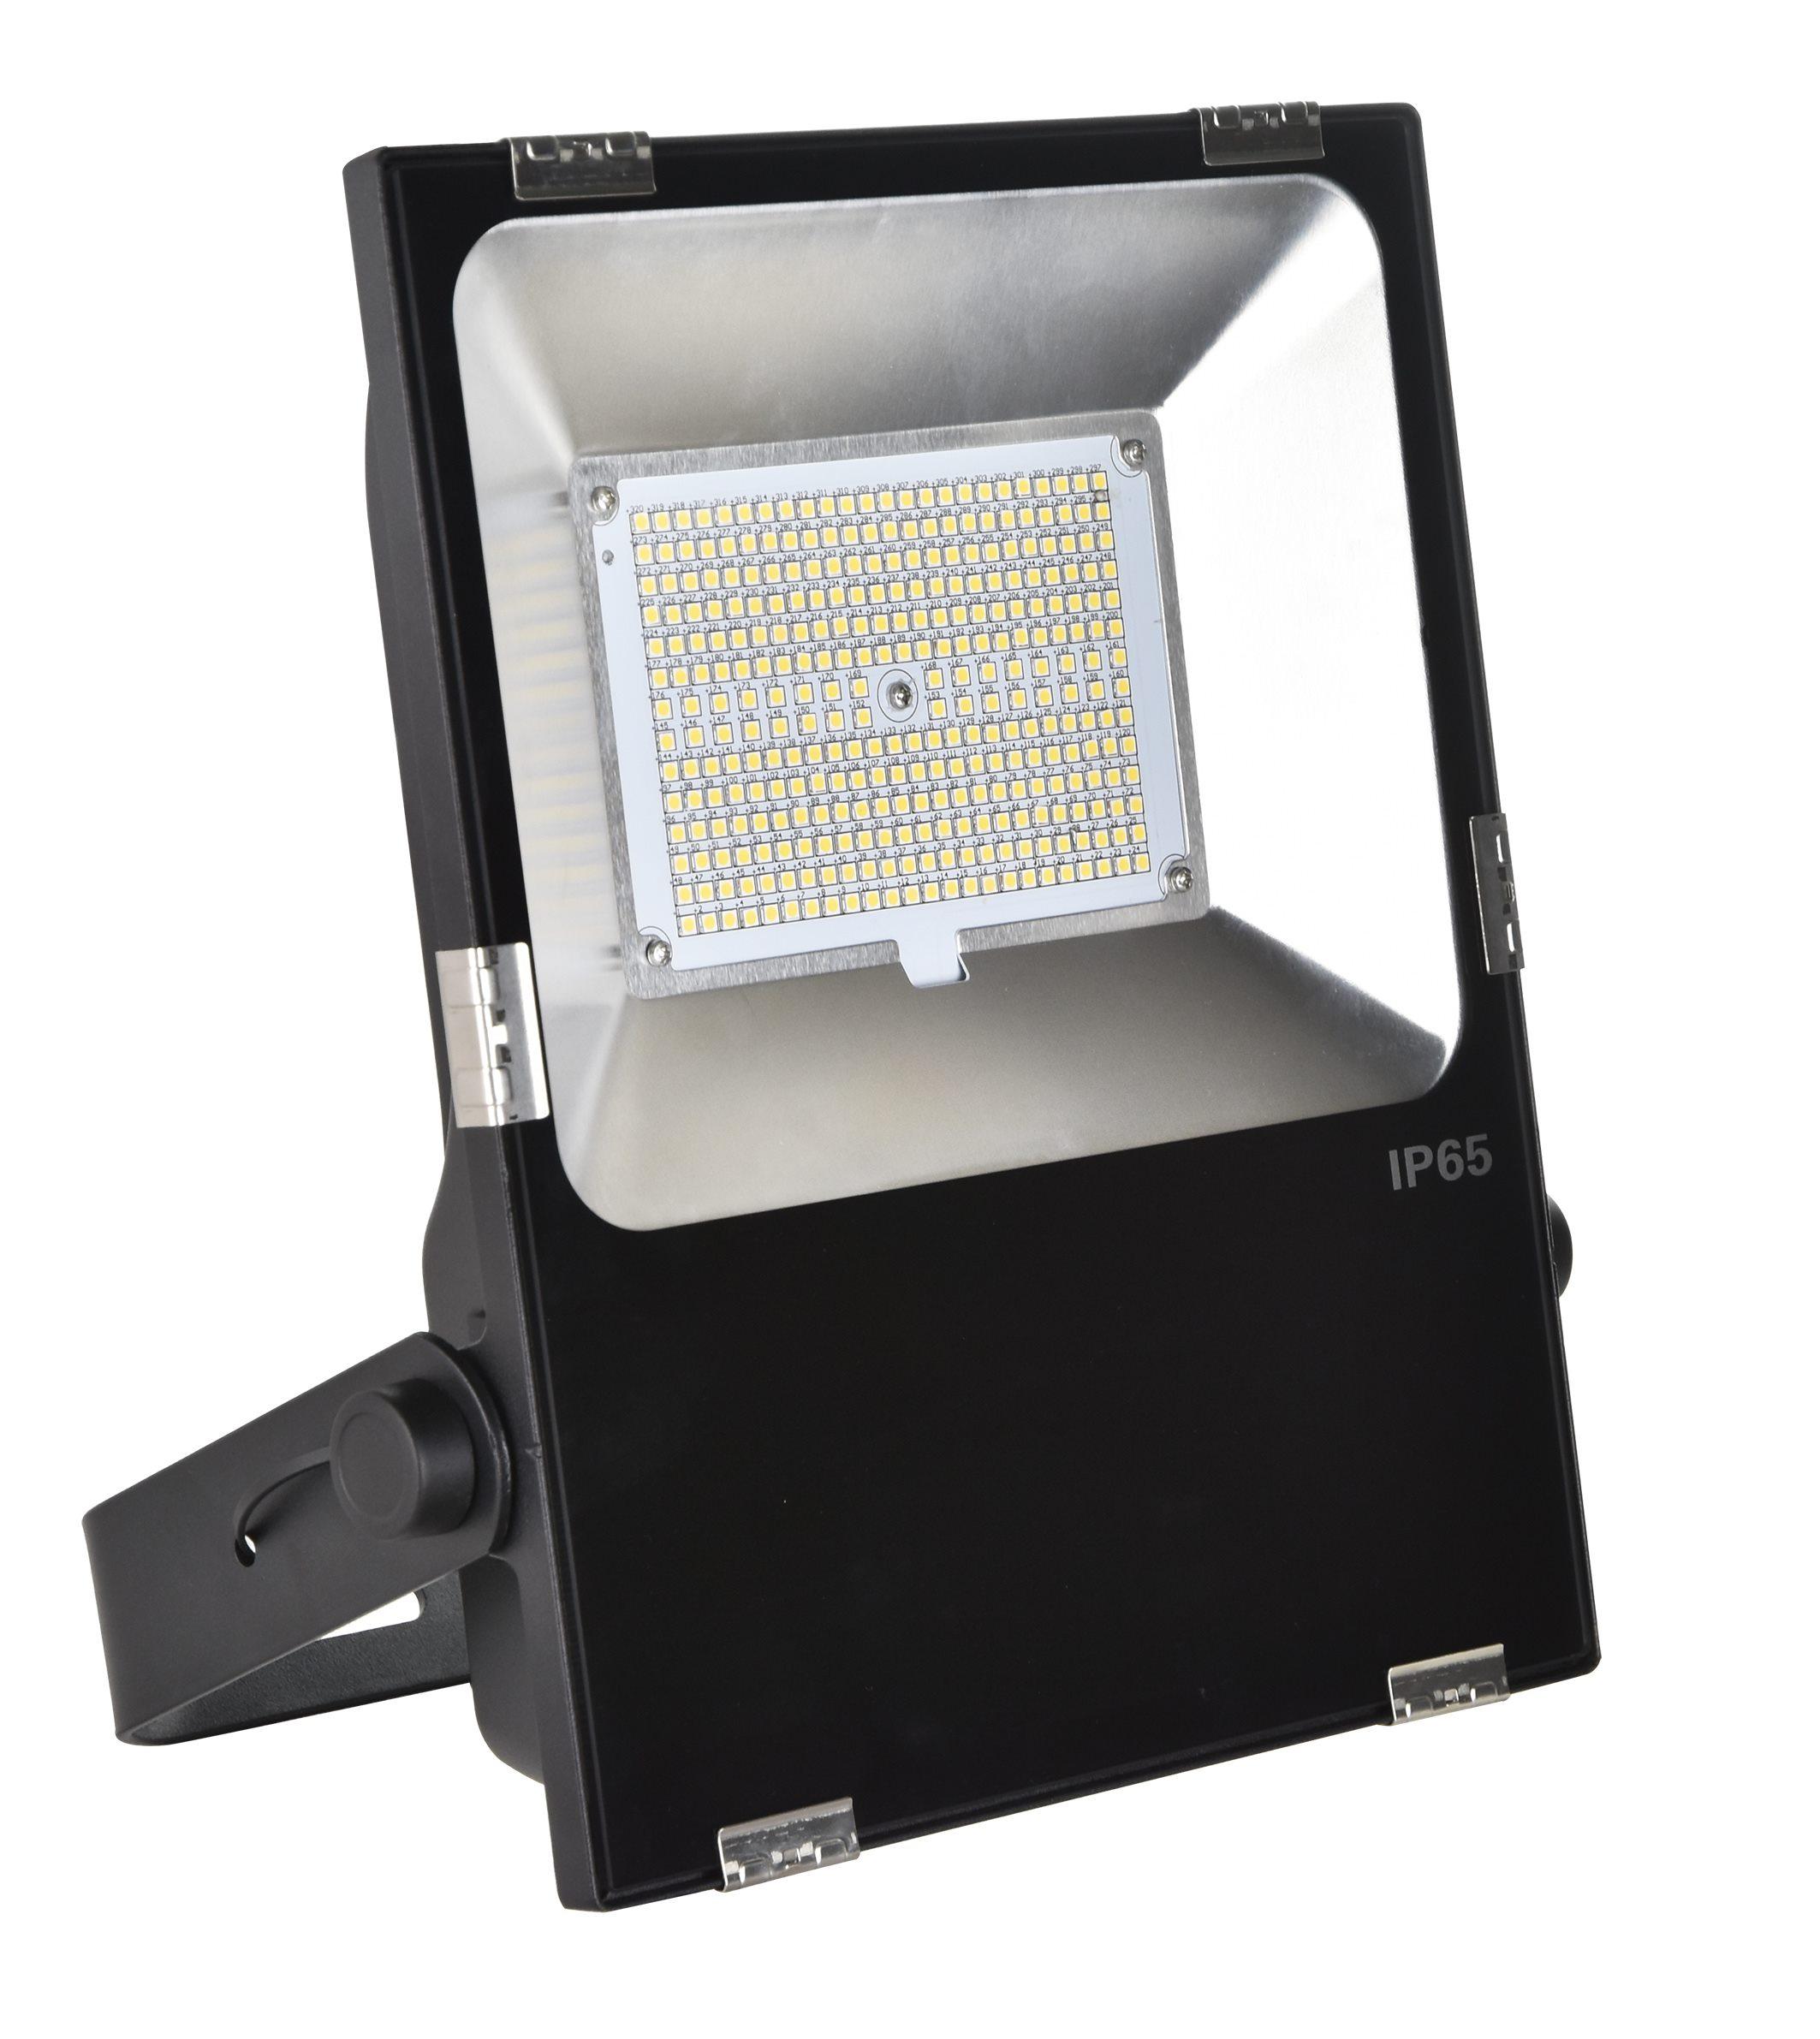 Energetic MarVelite Plus Weatherproof Led Floodlight Ip65 75W 4000K 10000Lm Black [272406]